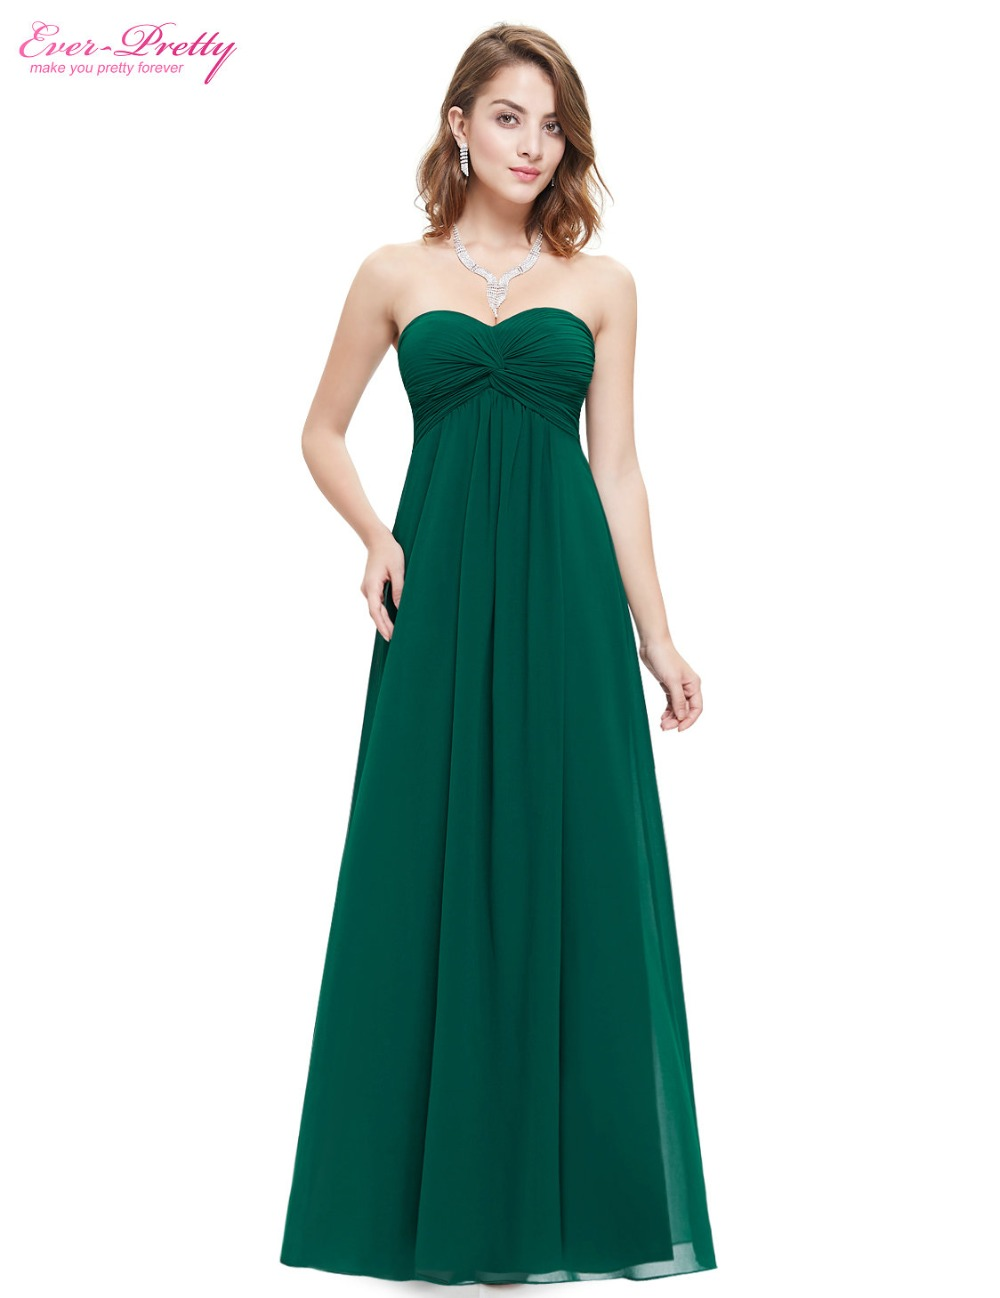 [해외]신부 들러리 드레스 2016 웨딩 파티 드레스 적이 꽤 HE08084 끈 우아한 라이트 블루 뻗 긴 신부 들러리 드레스/Bridesmaid Dresses 2016 Wedding Party Dress Ever Pretty HE08084 Strapless Elega